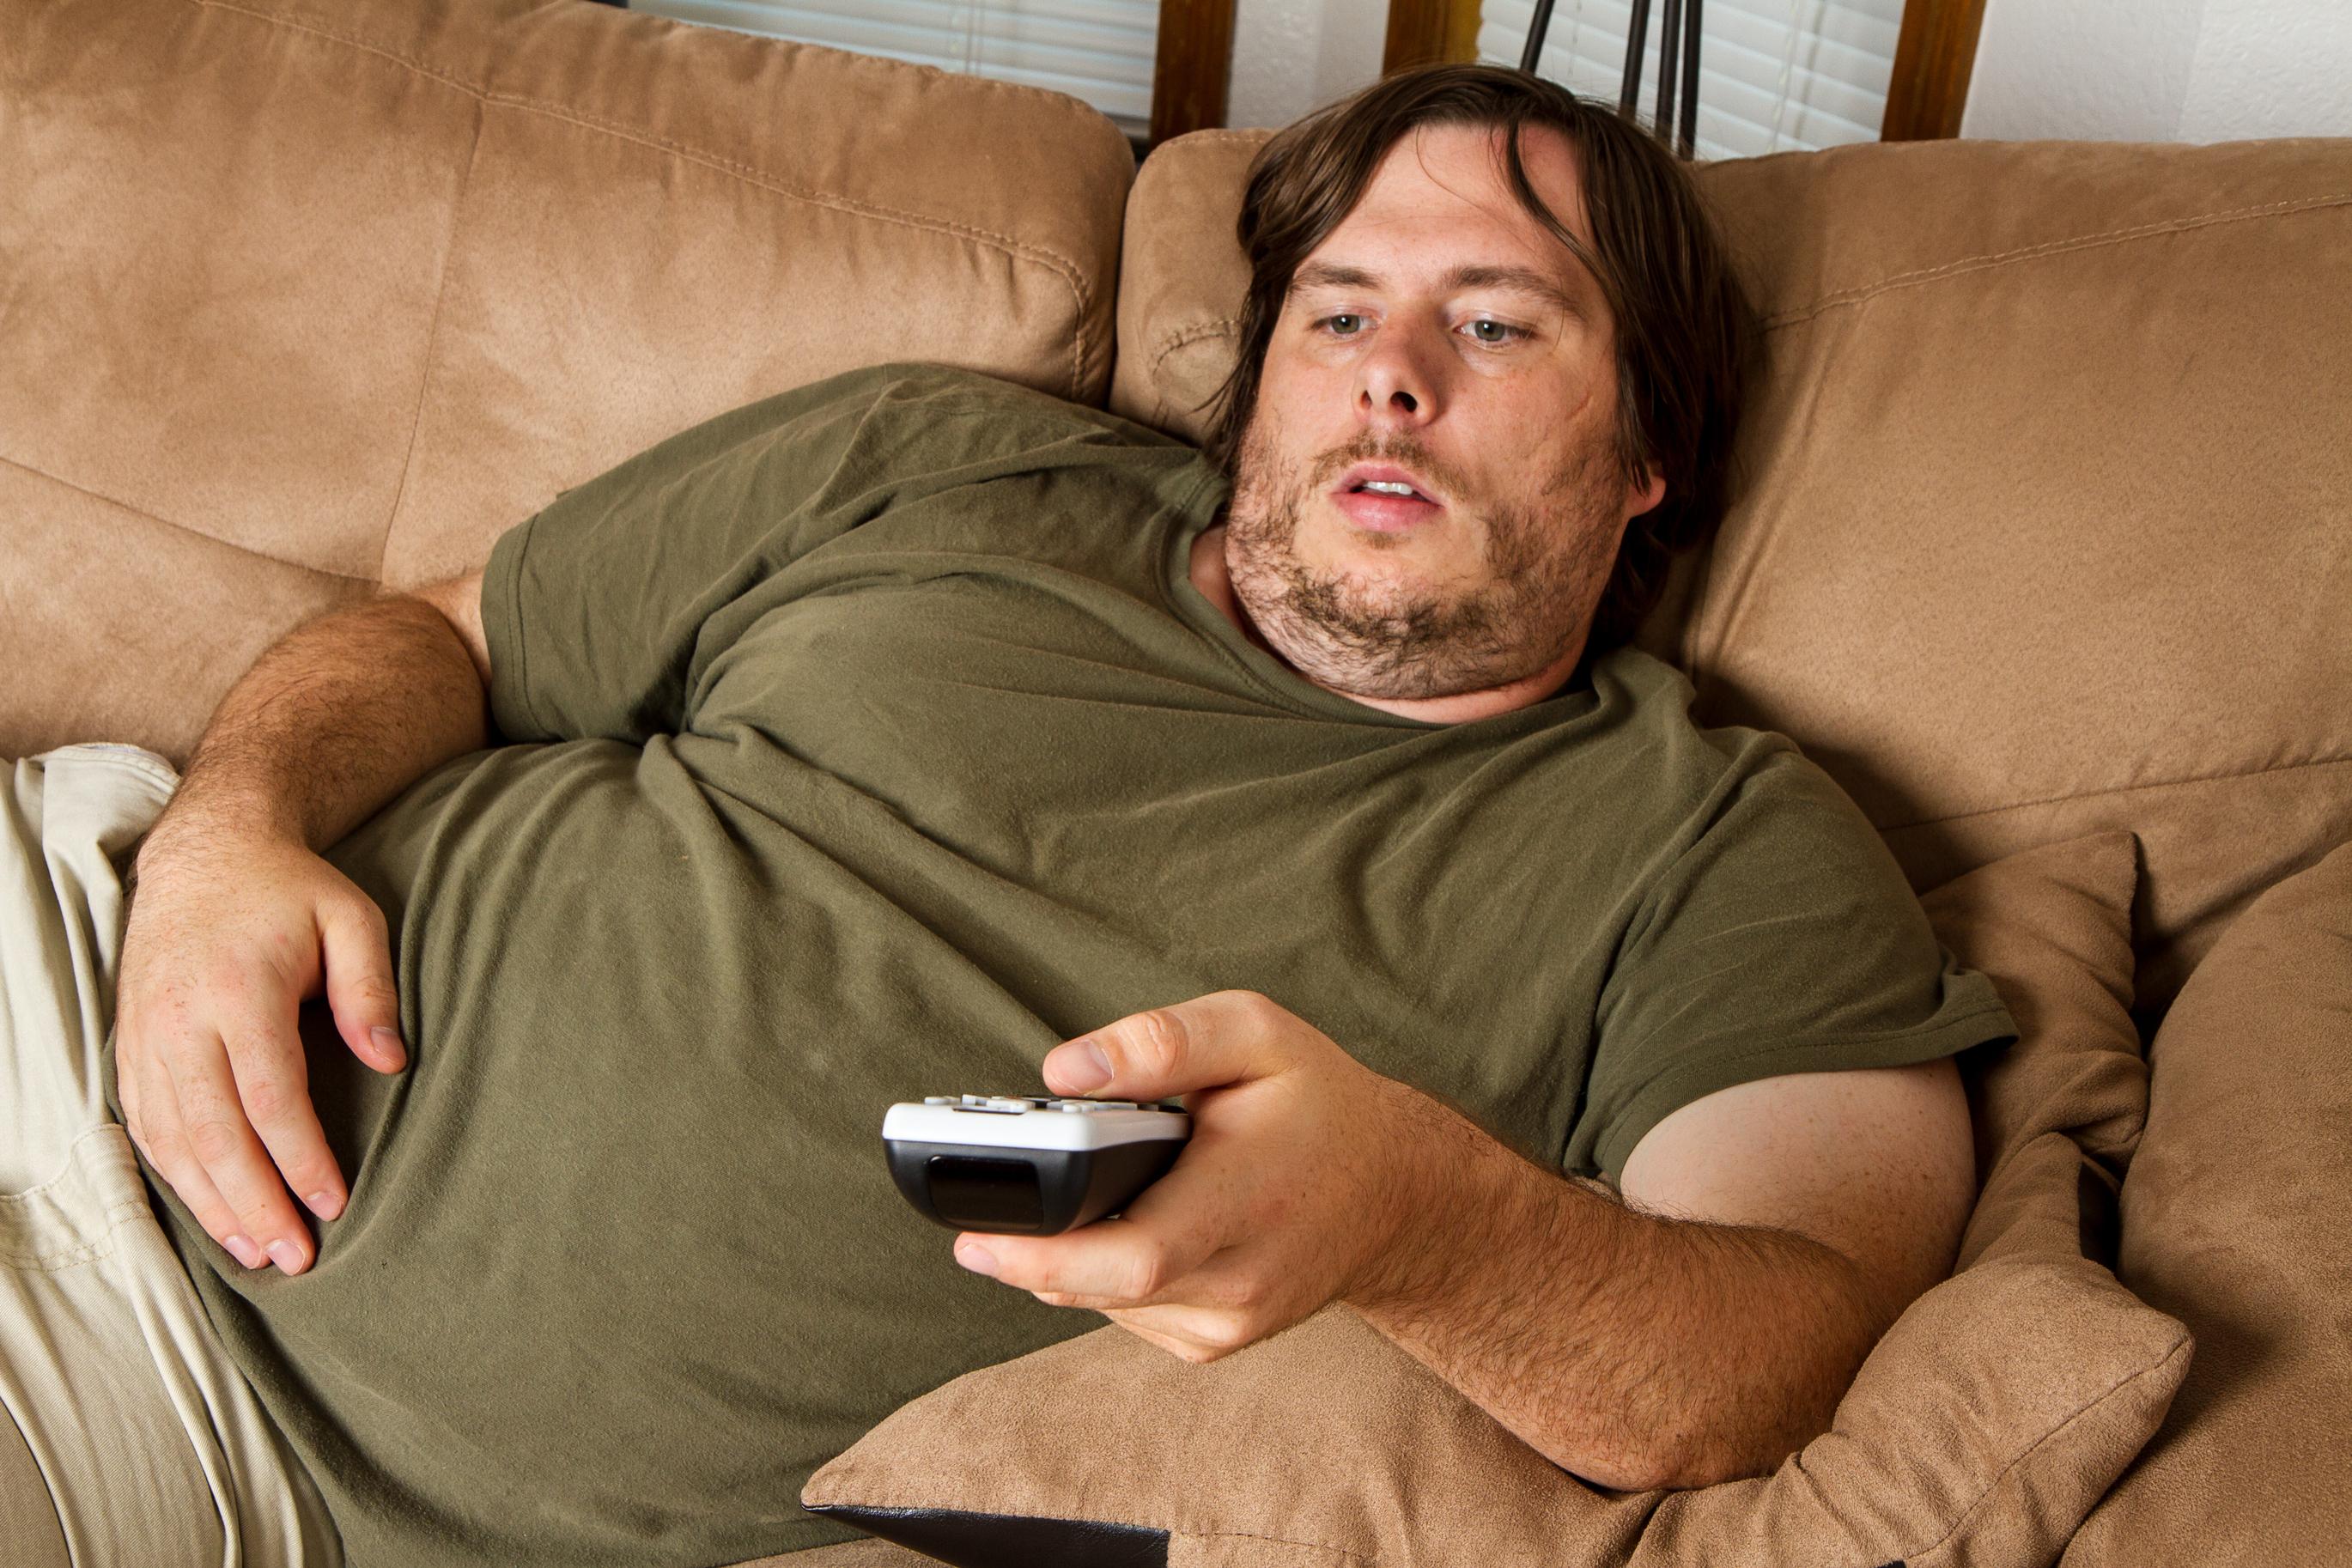 En studie visade att unga män som endast vara lite överviktiga löpte en ökad risk att drabbas av hjärtsvikt redan i tidig medelålder.